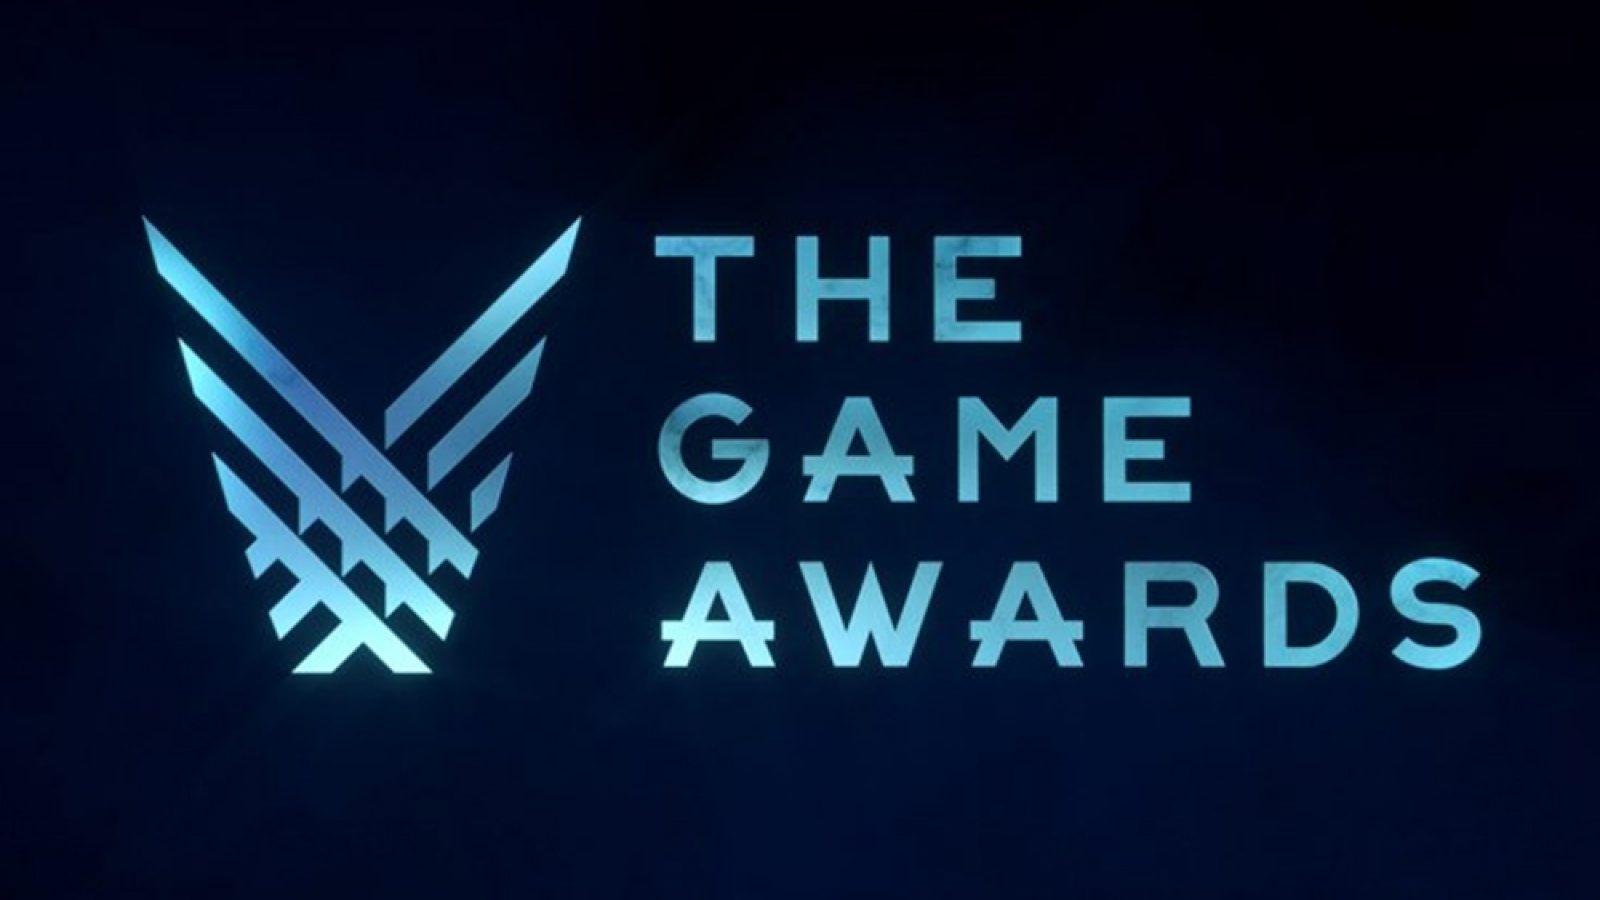 دانلود مراسم The Game Awards 2018 | بهروزرسانی: ویرایش جدید زیرنویس فارسی